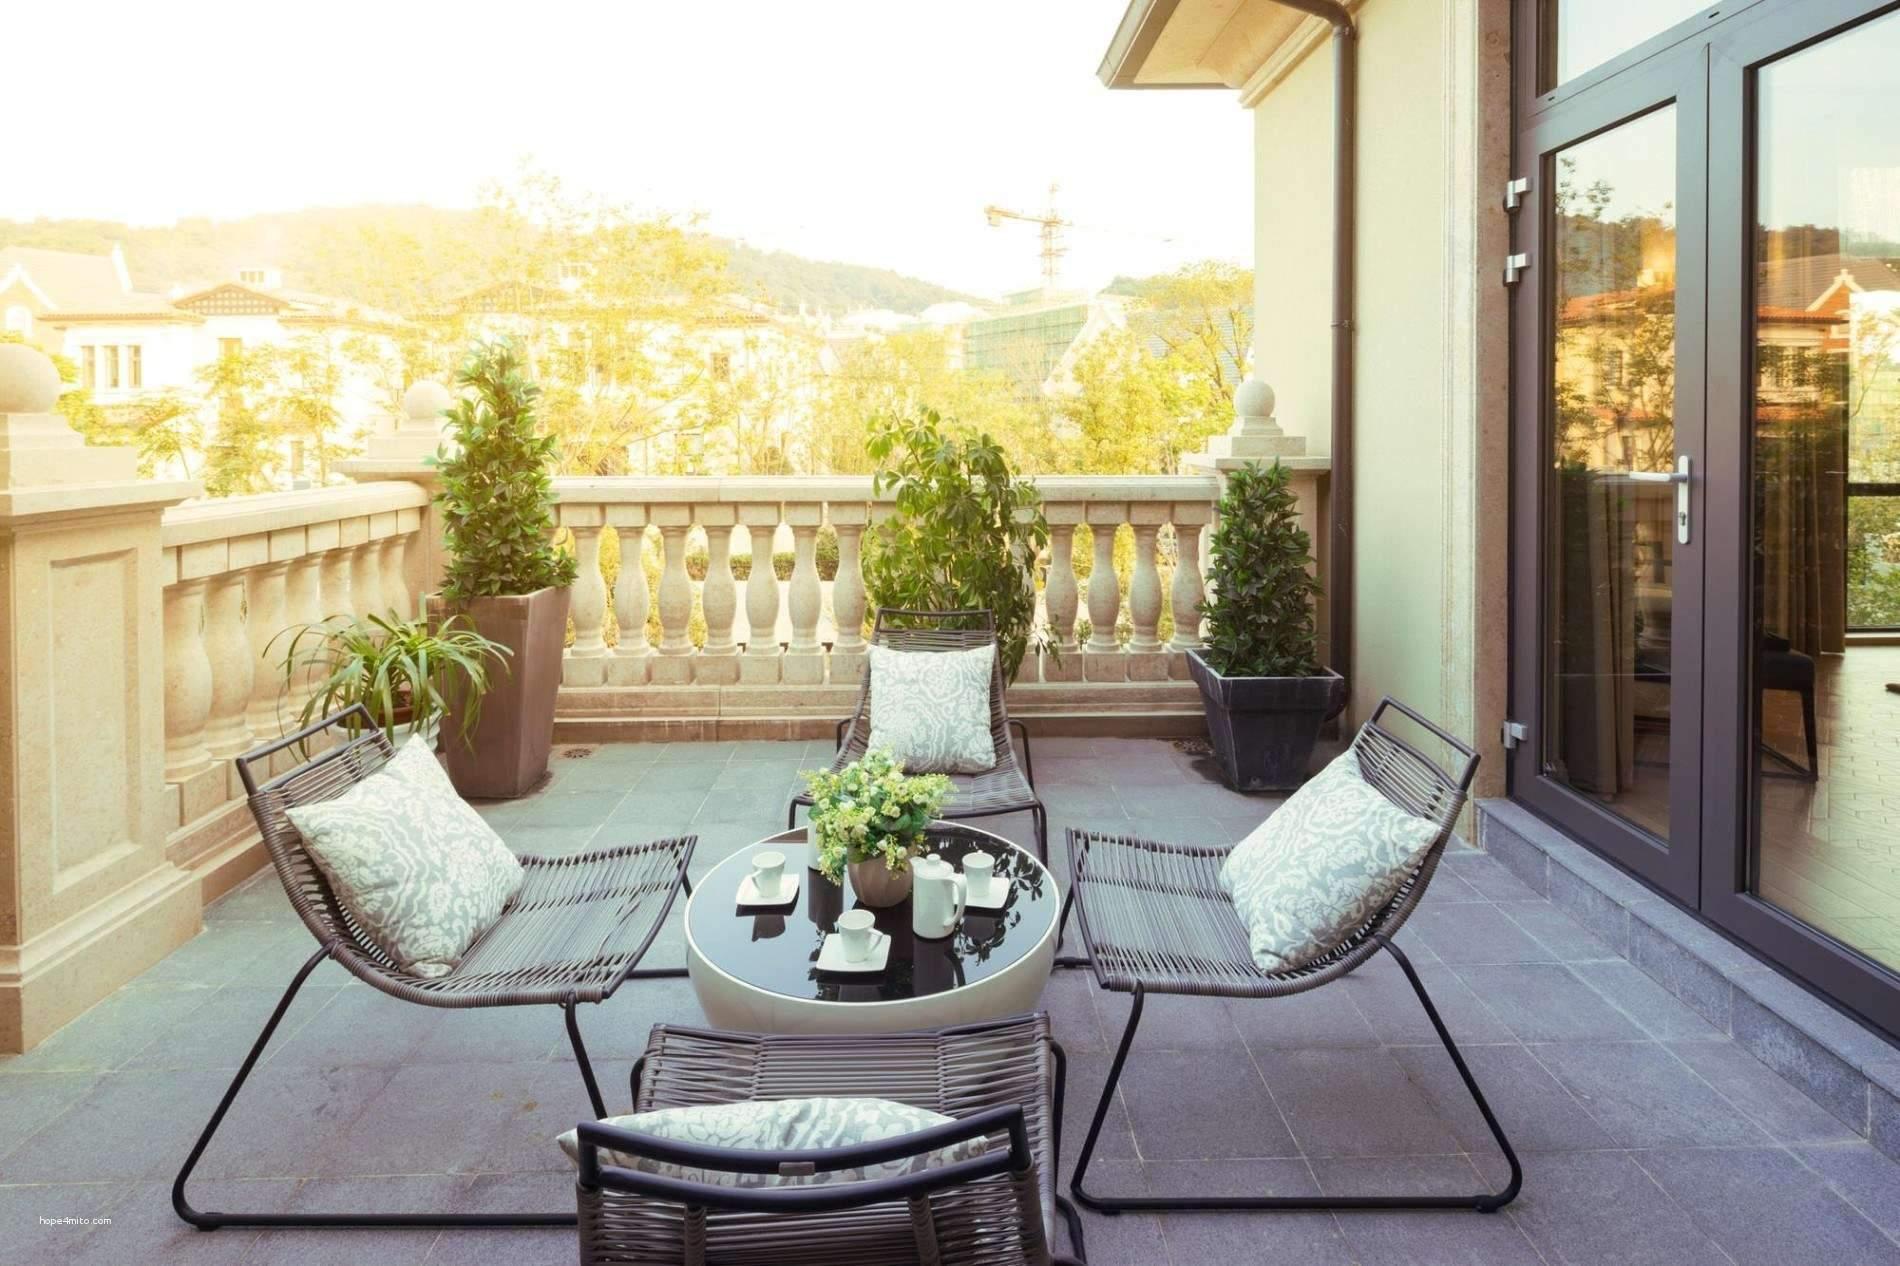 dekoideen wohnzimmer selber machen reizend 35 neu balkon ideen selber machen of dekoideen wohnzimmer selber machen